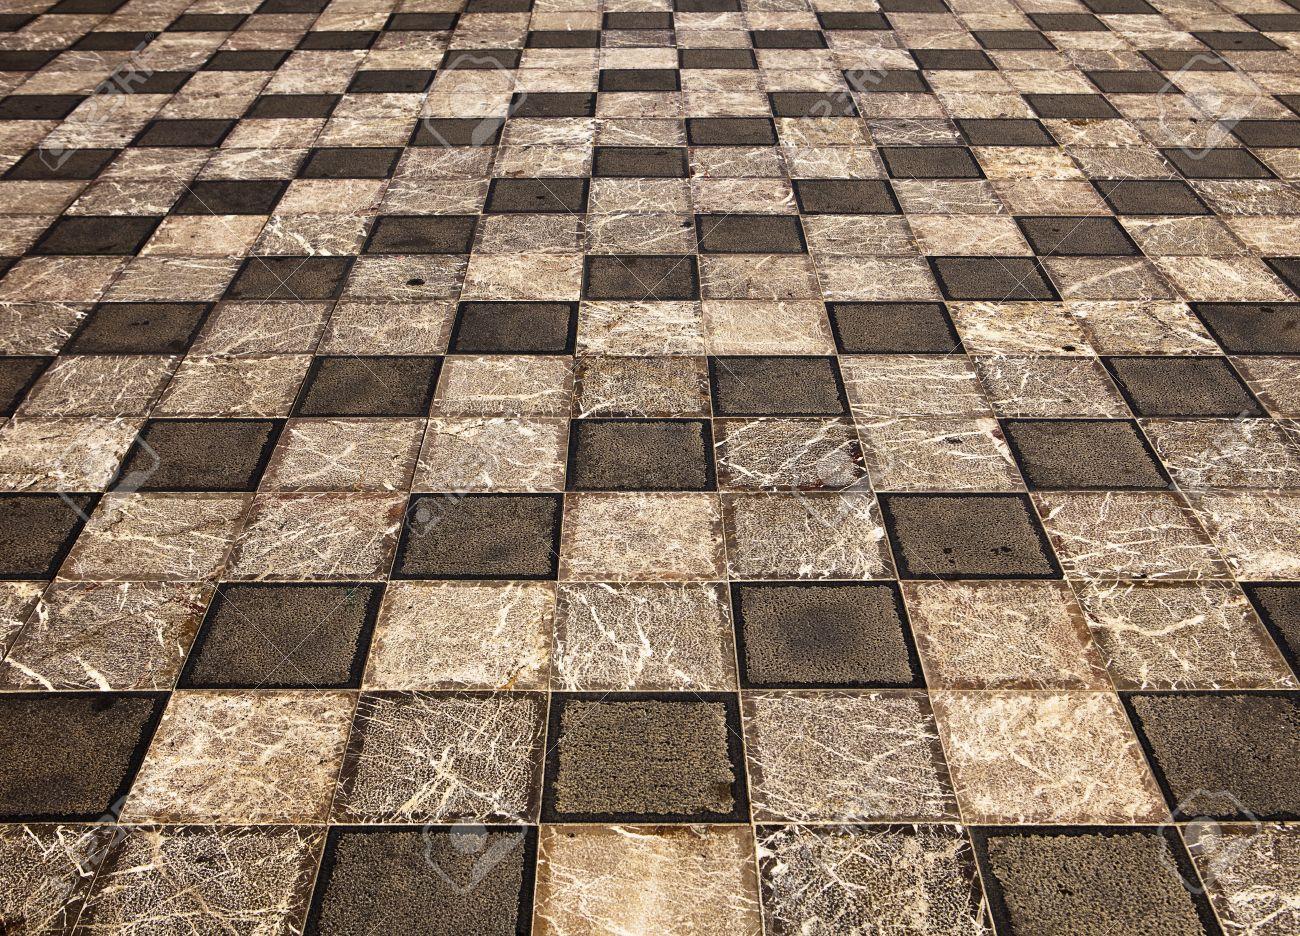 Un disegno geometrico delle piastrelle quadrate di marmo grigio è